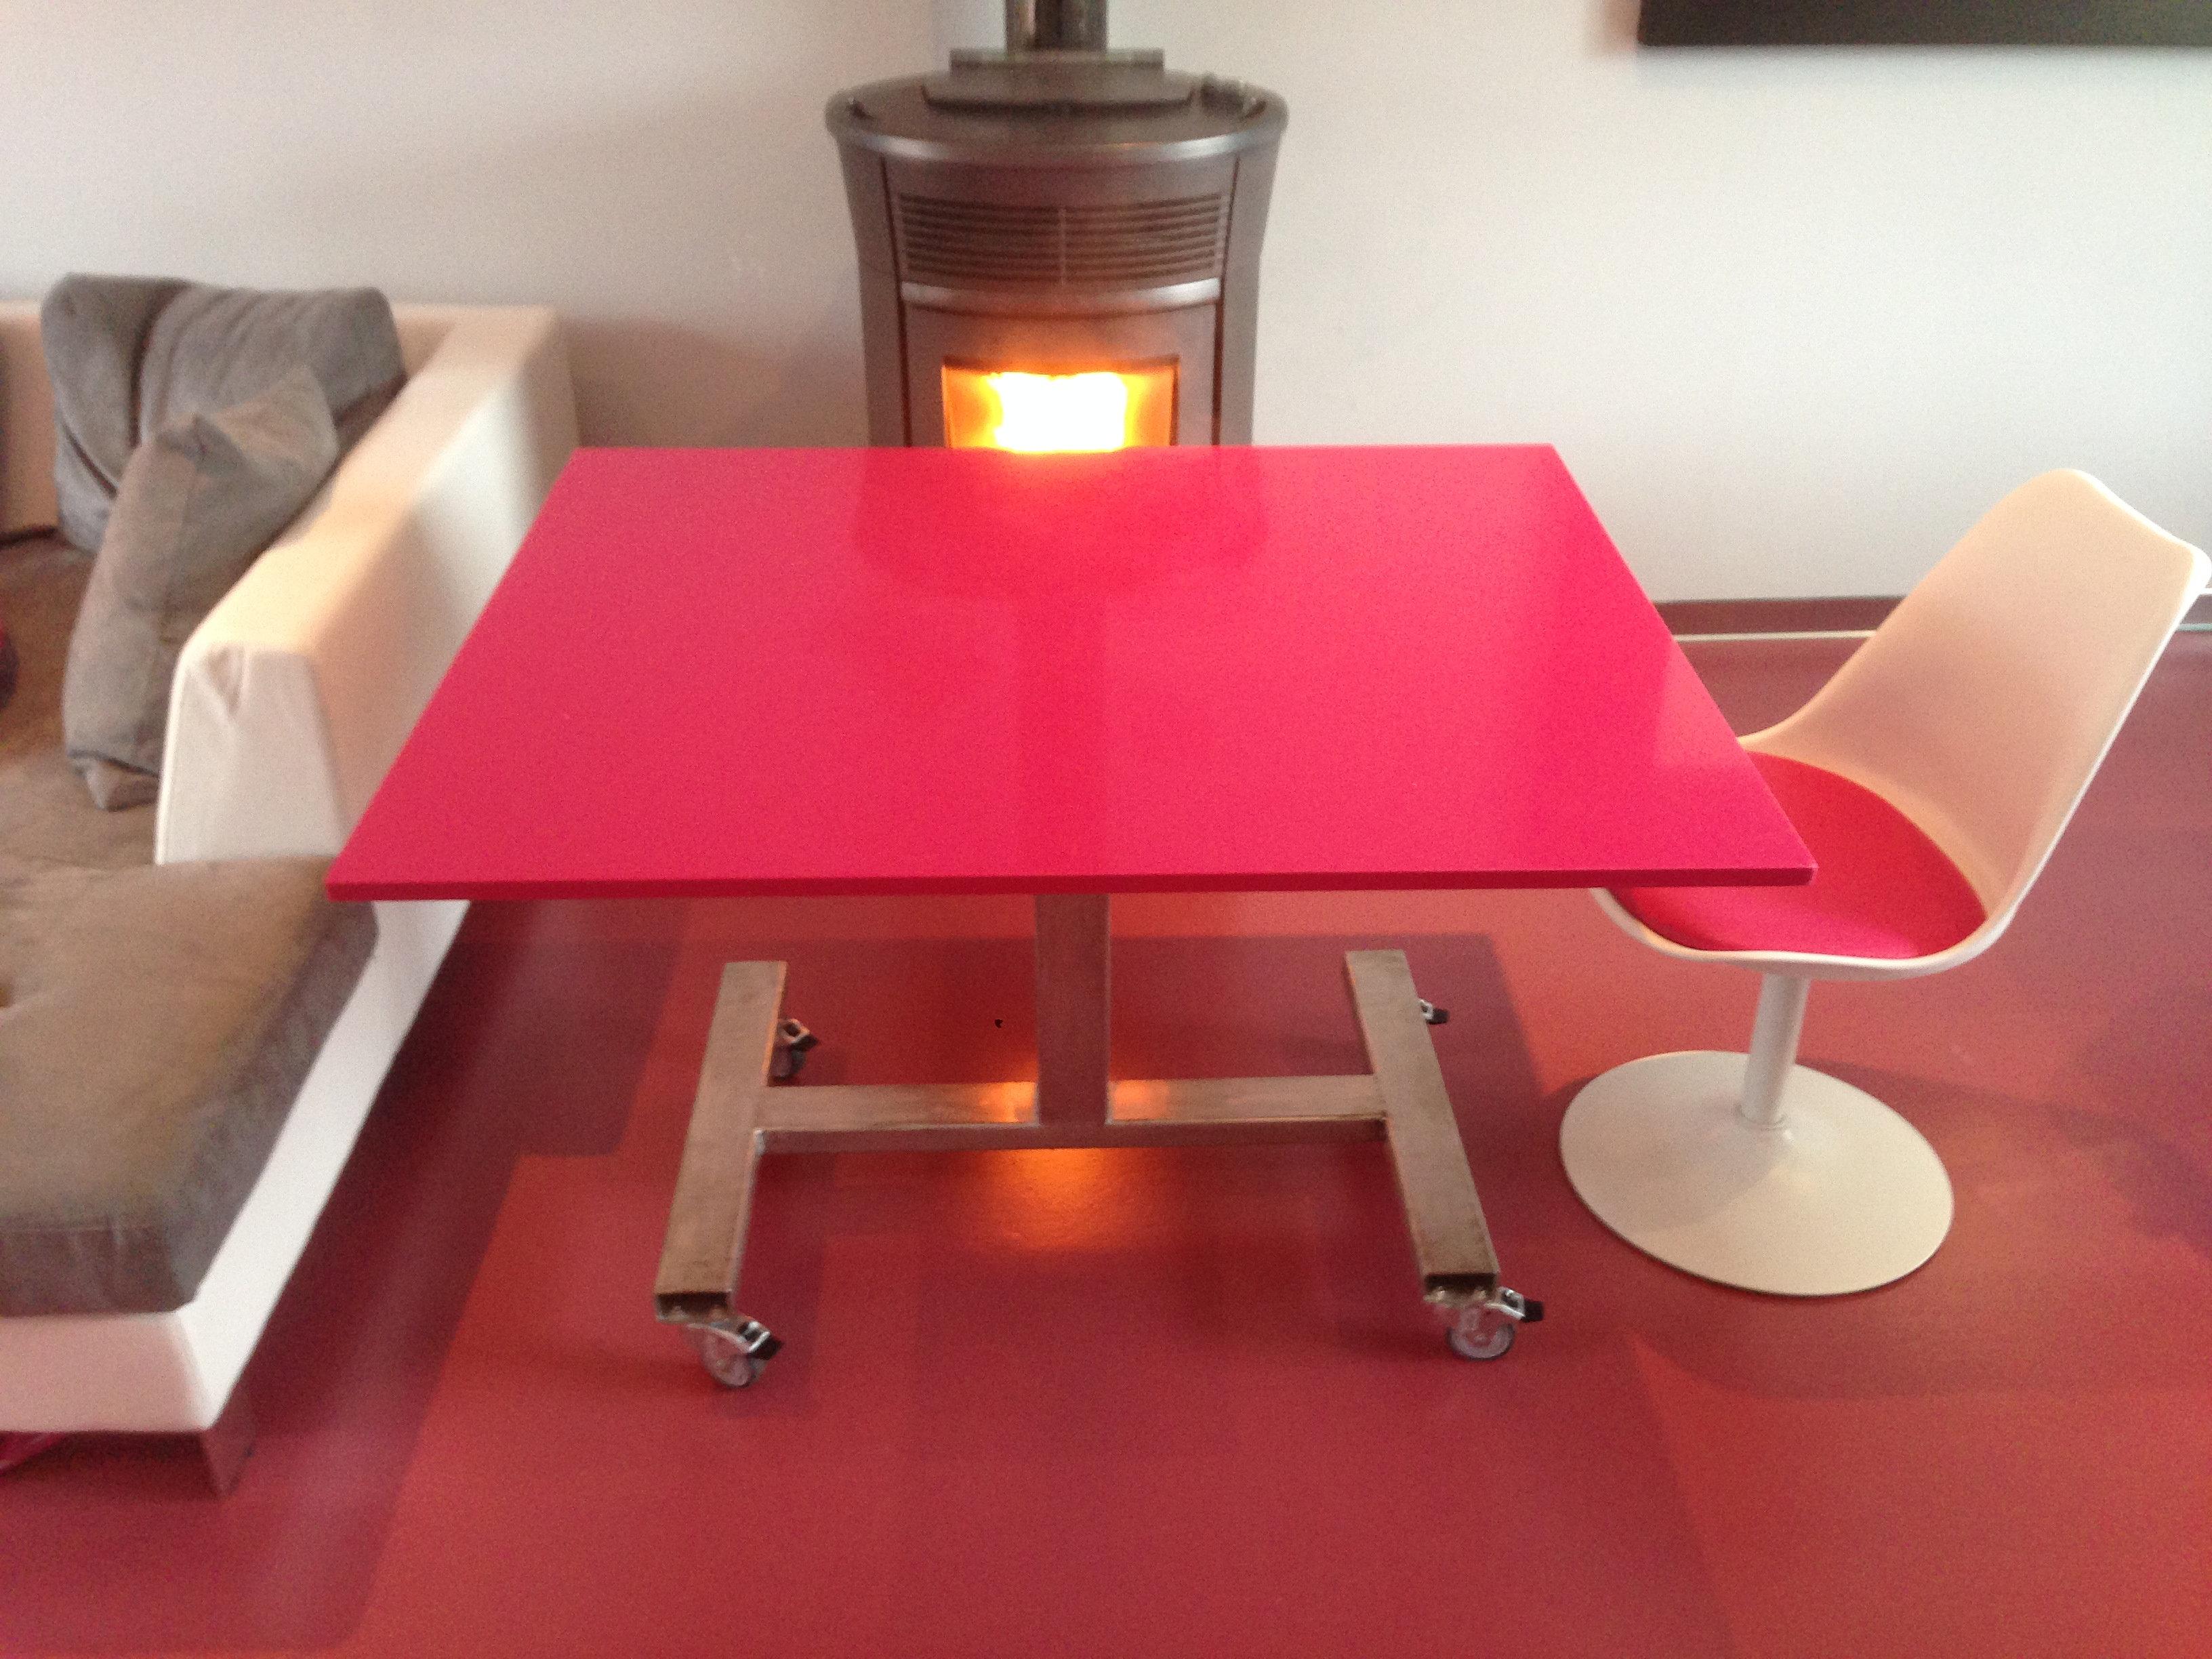 plan de travail granit quartz table en mabre paris essonne table en pierre quartz. Black Bedroom Furniture Sets. Home Design Ideas